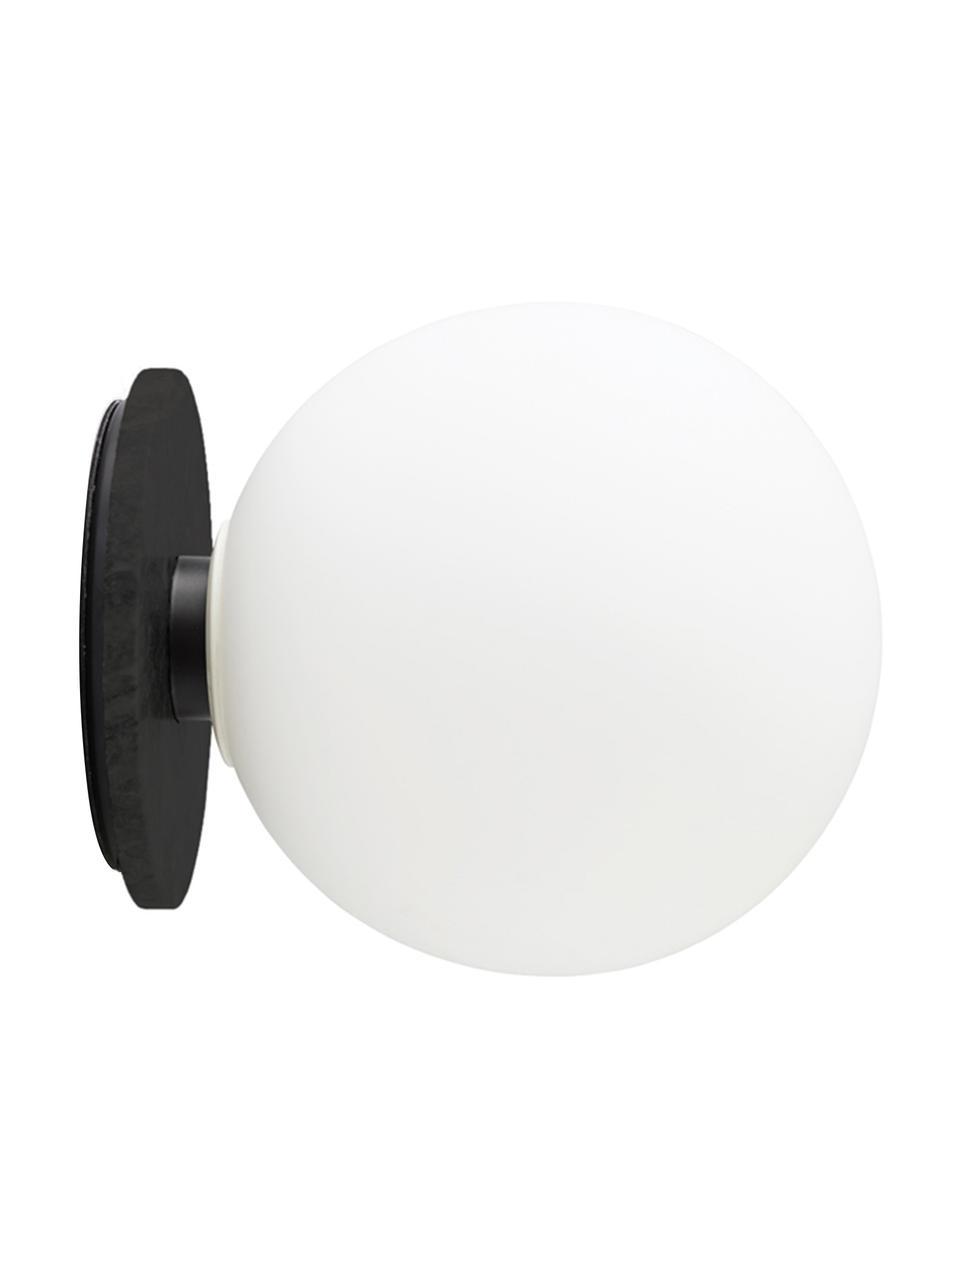 LED-Wand- und Deckenleuchte TR Bulb, Lampenschirm: Opalglas, Weiß, Schwarz, Ø 20 x T 22 cm